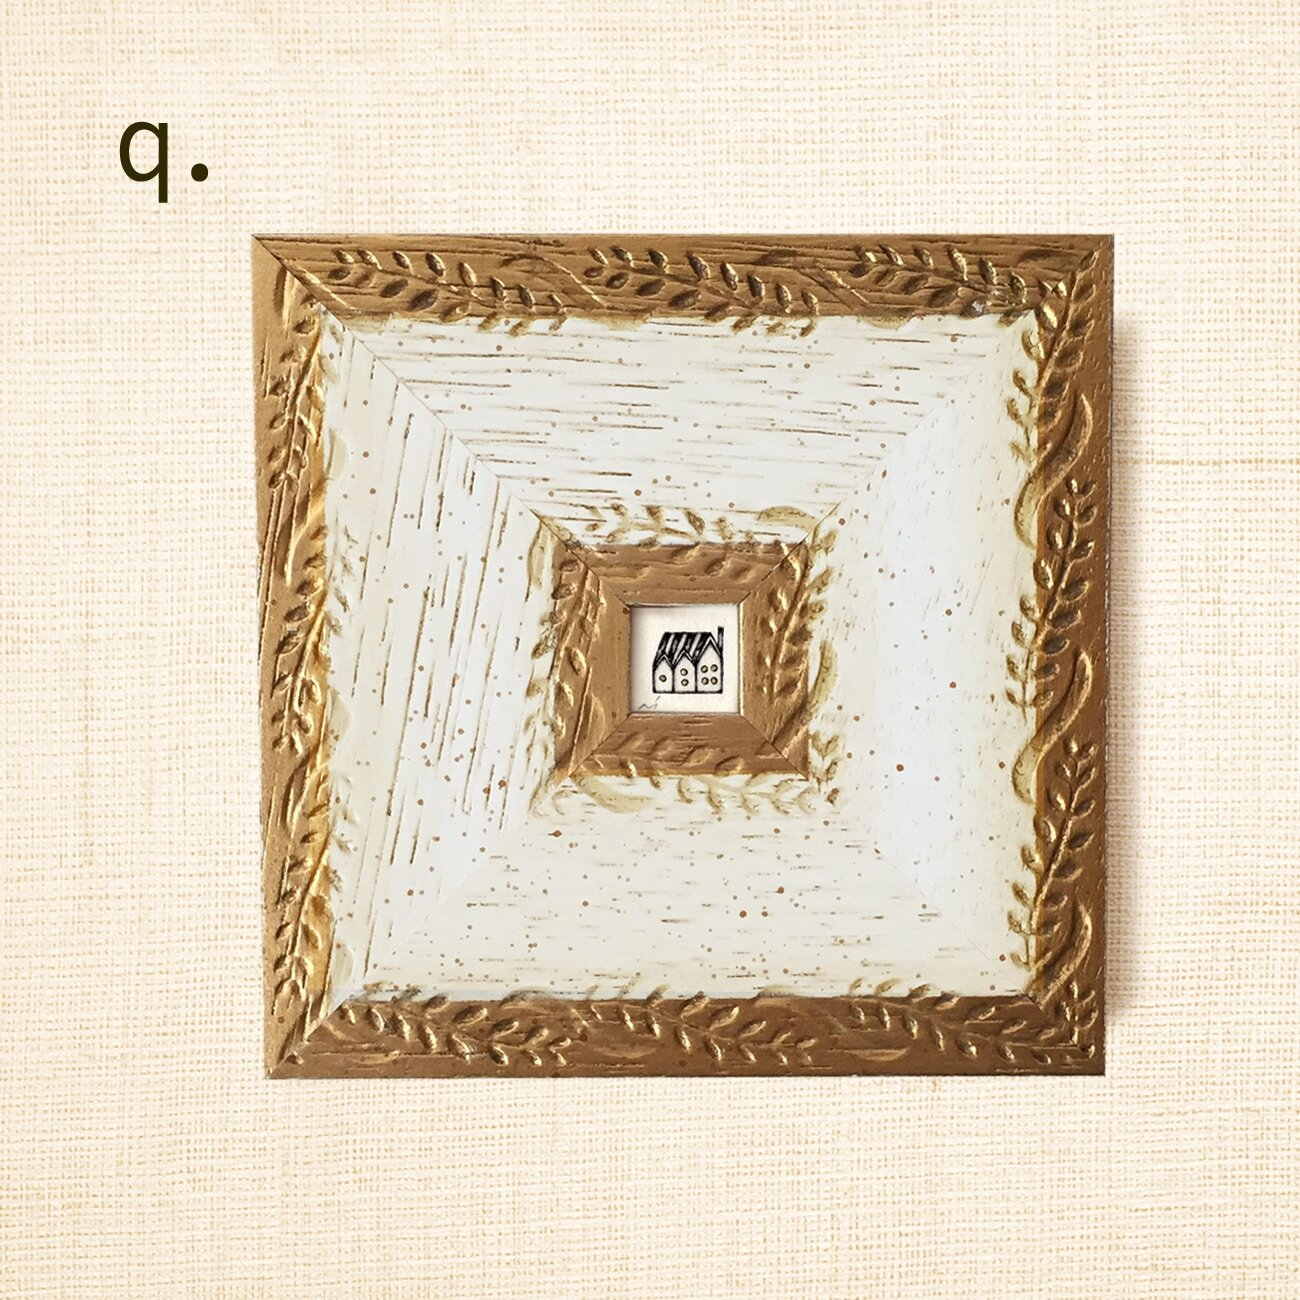 ミニ額縁 原画【 帰る場所 】ご注文者さま・額縁セレクト画像<q>-<z><a#>-<d#>